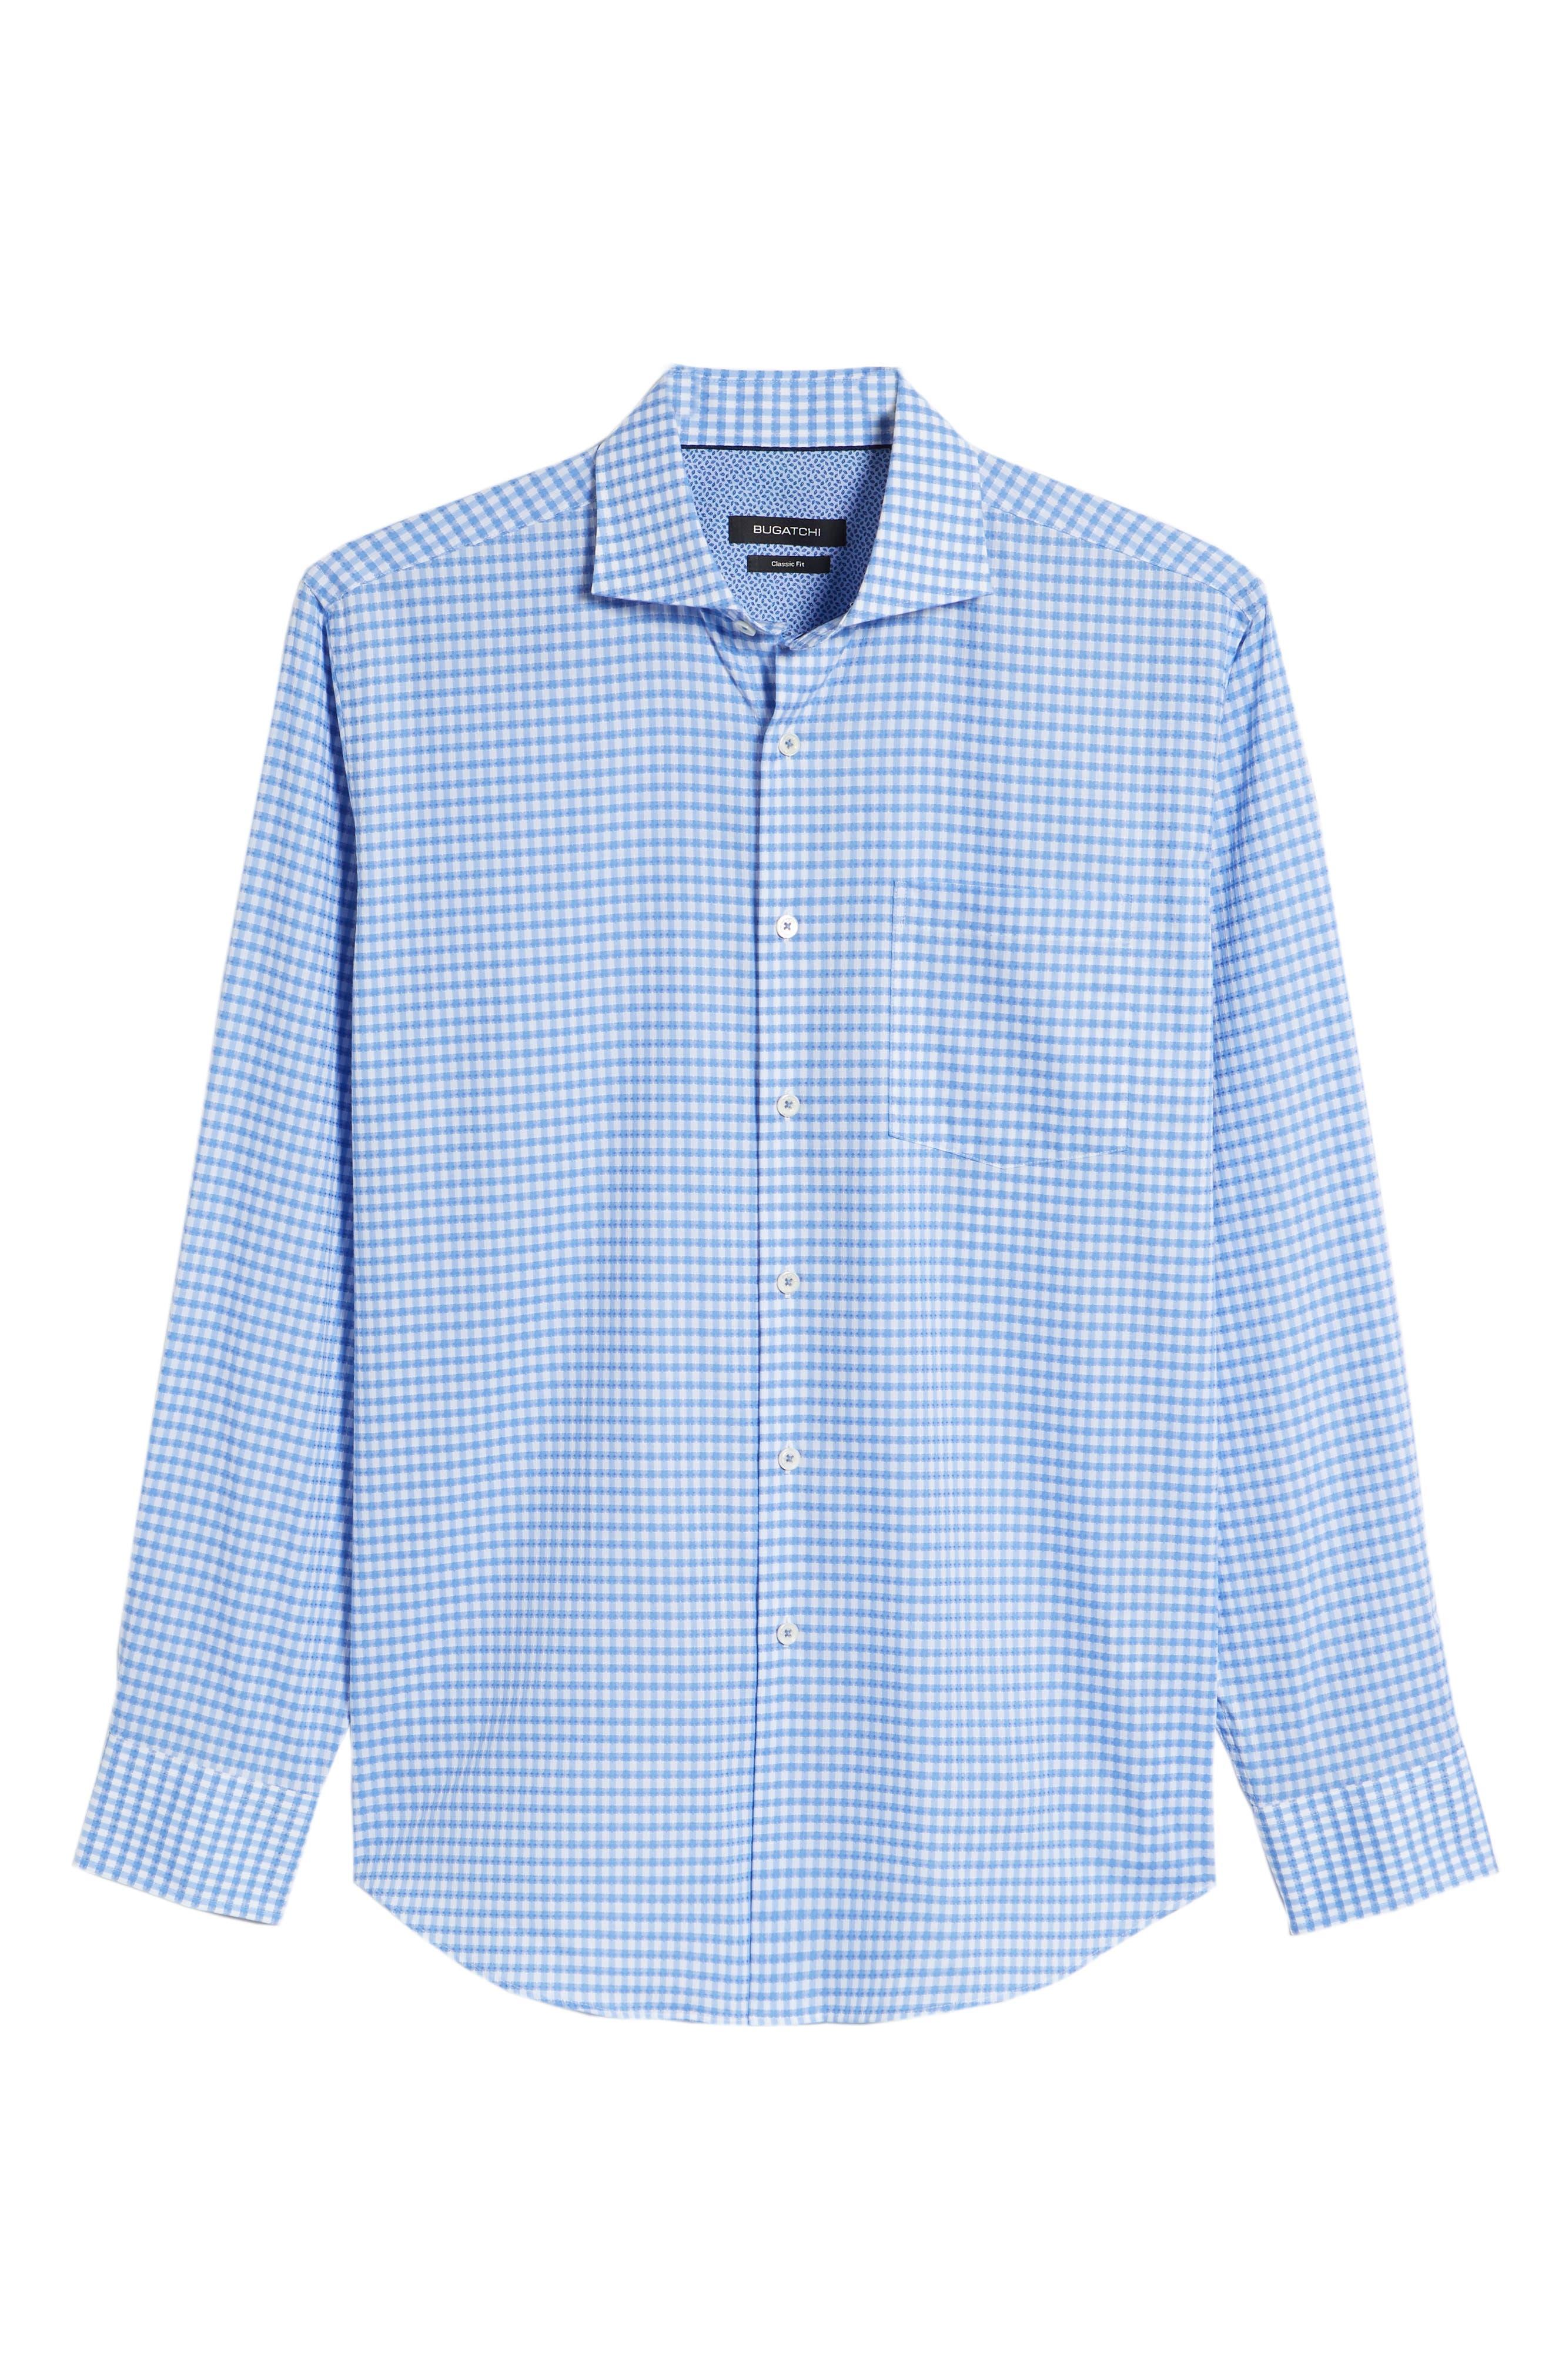 Classic Fit Mini Check Sport Shirt,                             Alternate thumbnail 6, color,                             423